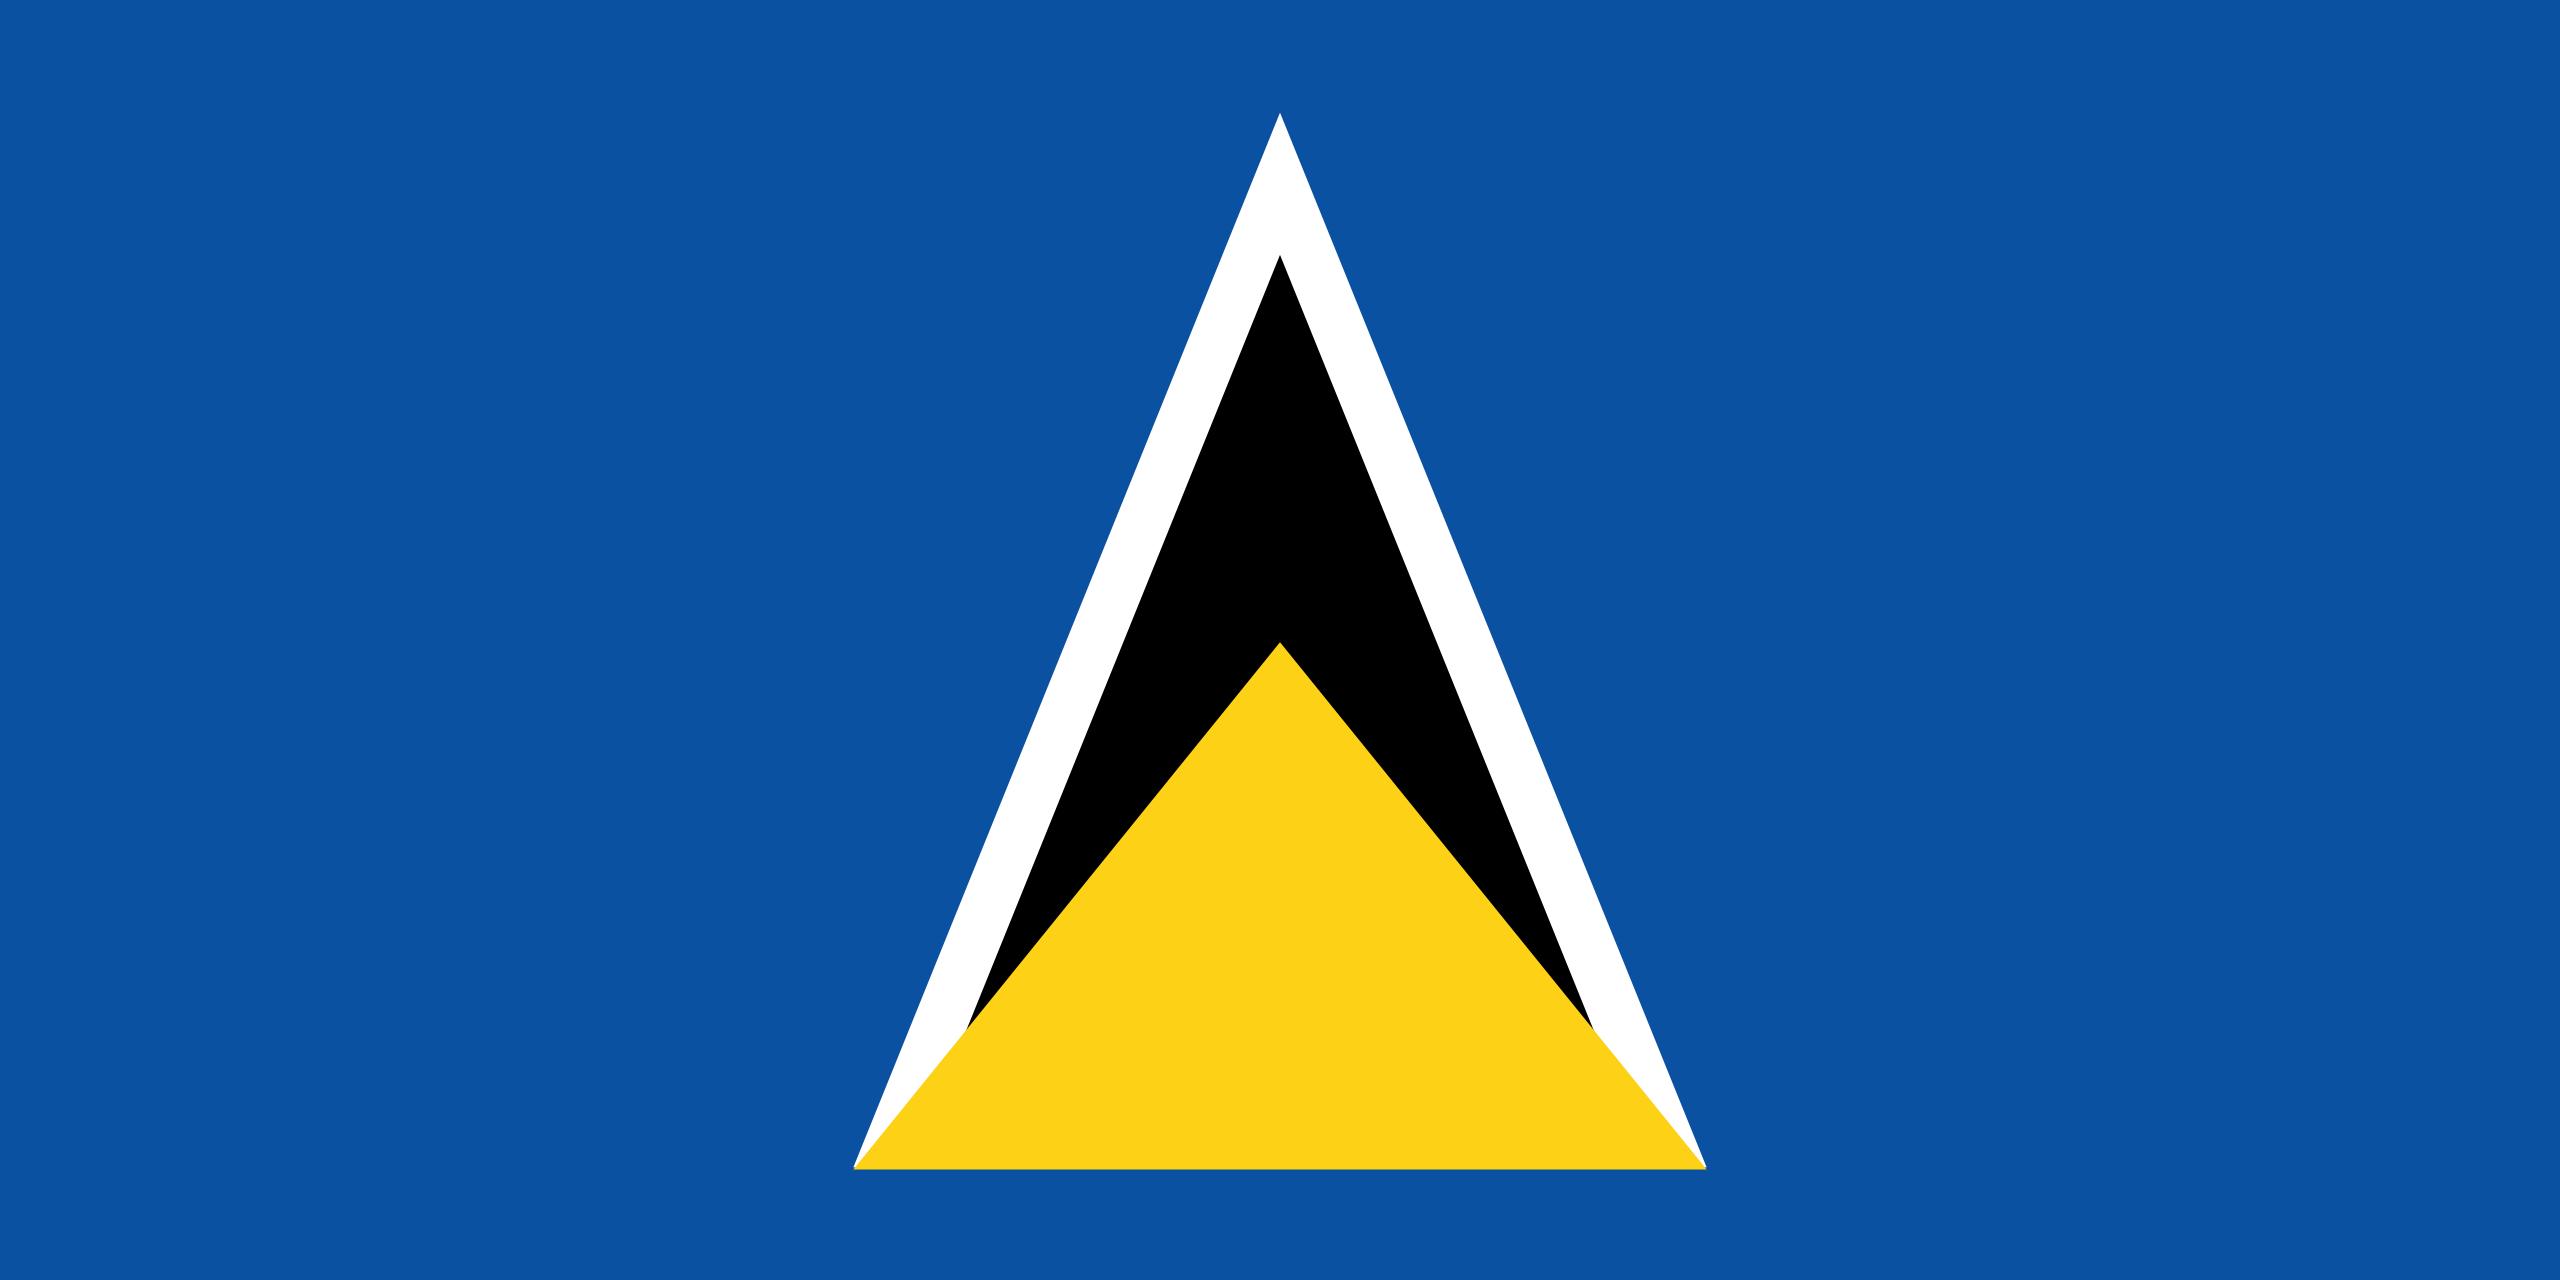 Saint Lucia St Lucia St Lucia Flag Saint Lucian Flag